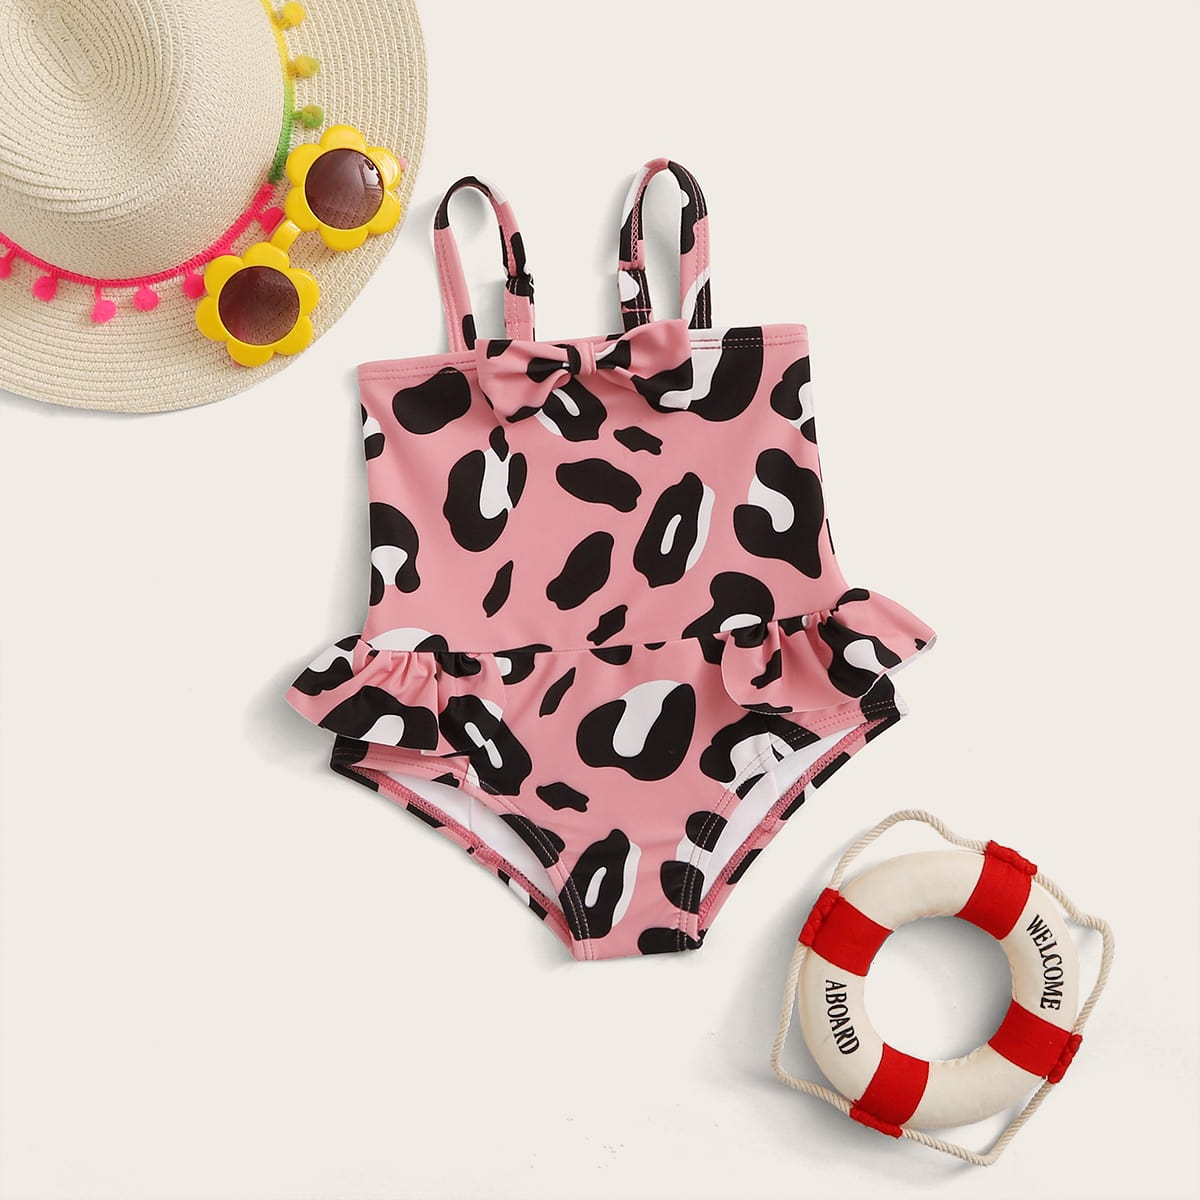 Badpak met luipaardprint voor babymeisjes